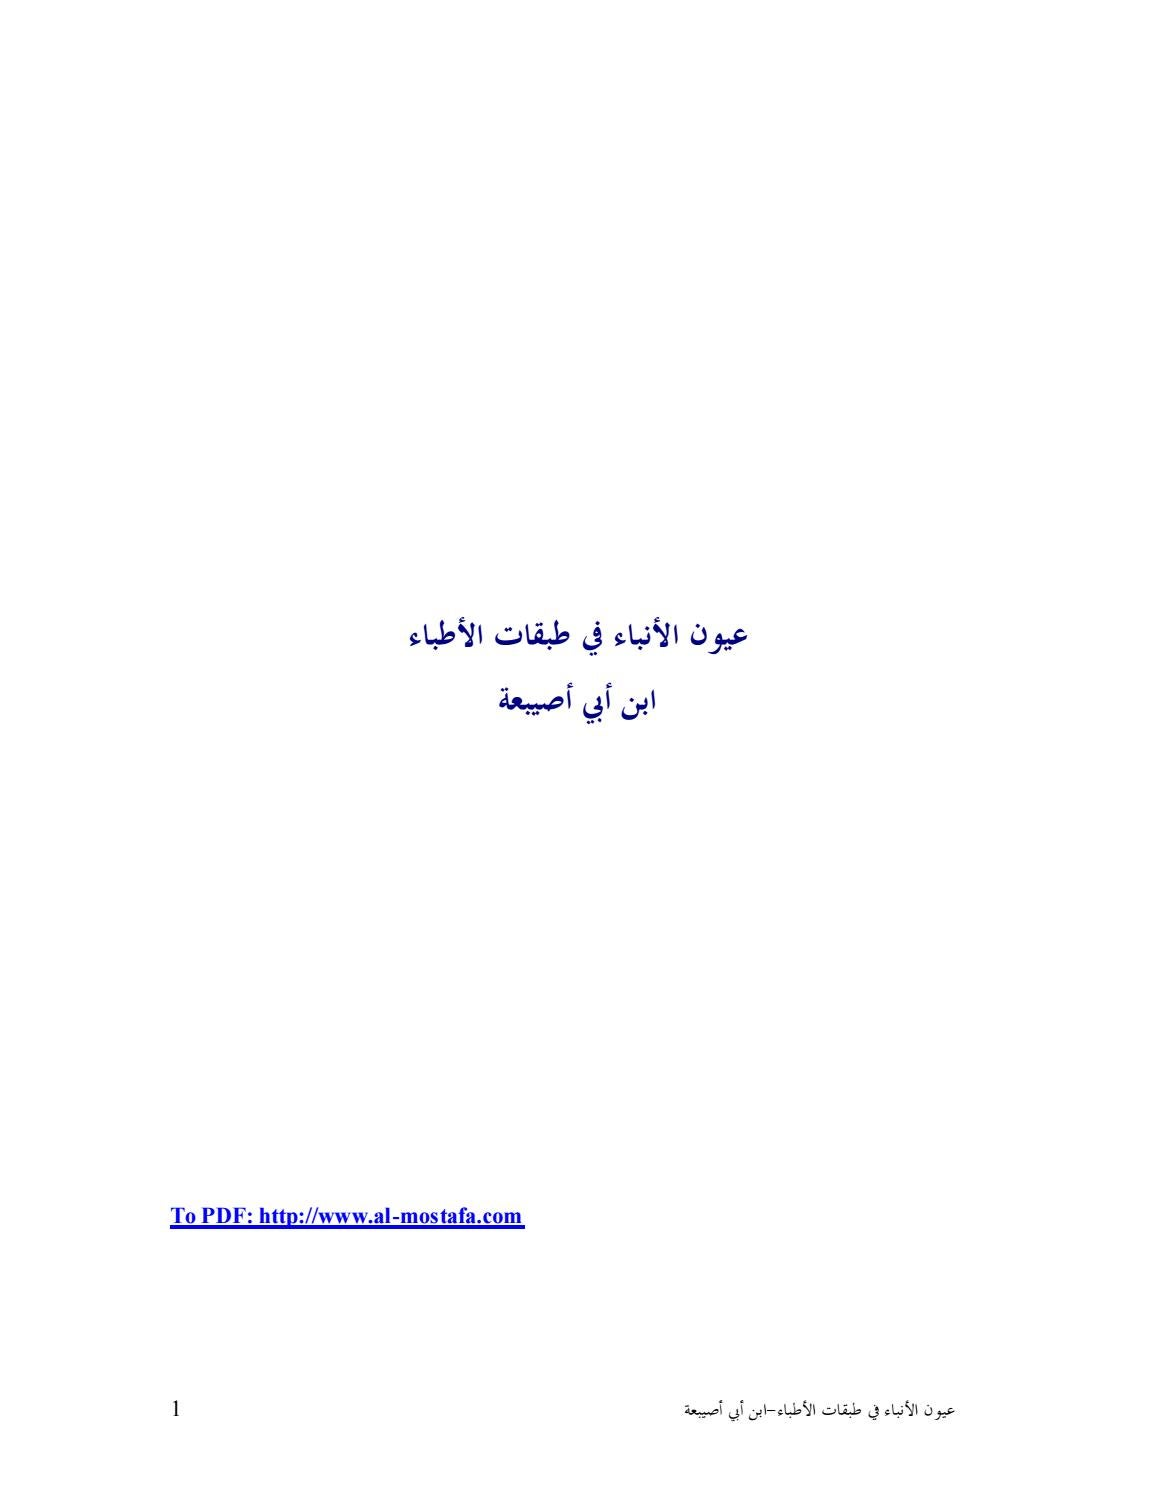 aa971b30f عيون الأنباء في طبقات الأطباء ابن أبي أصيبعة 1 by Hunain Taimi - issuu